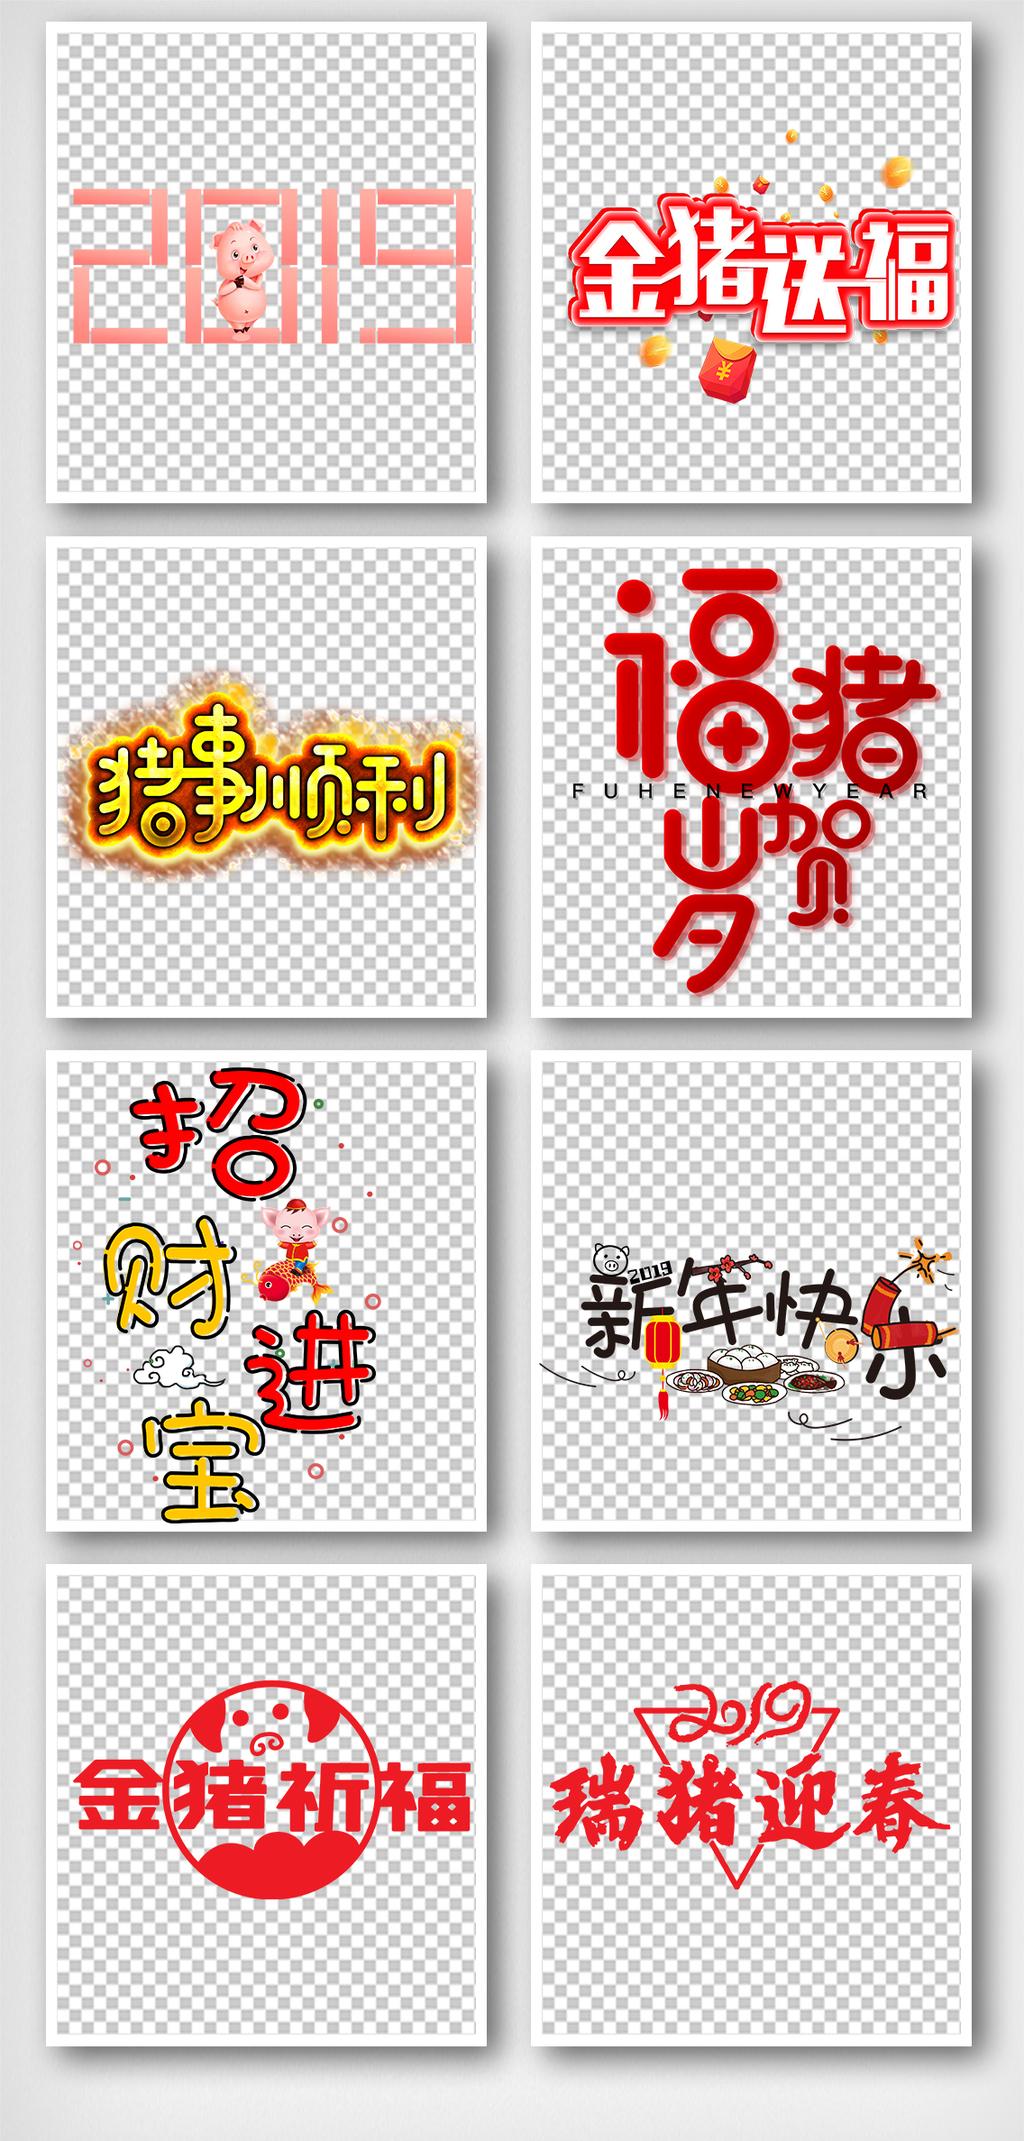 原创设计猪事顺利新年创意艺术字体元素